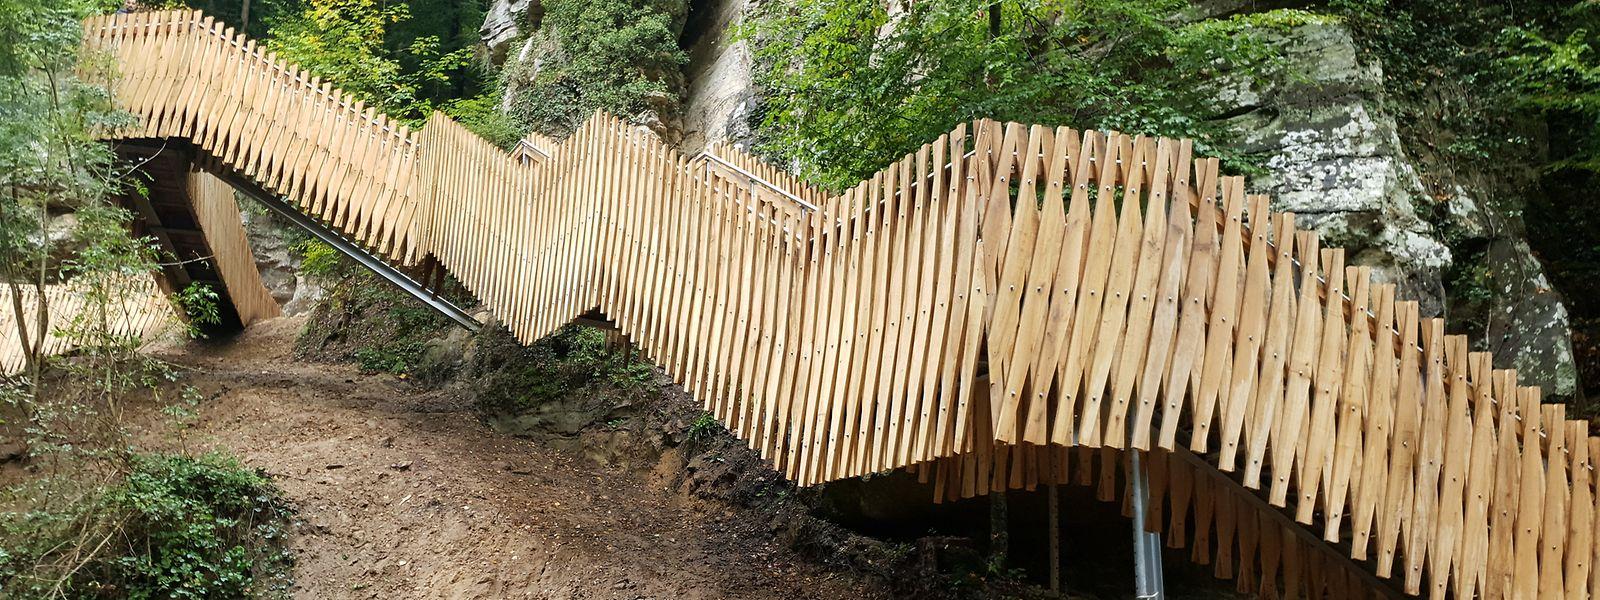 Die rund 90 Meter lange Treppe wurde mit Eichenholz aus dem Müllerthal verkleidet. Nach dem Rückbau der Zufahrtsbaustelle wird der Weg Mitte November frei gegeben.